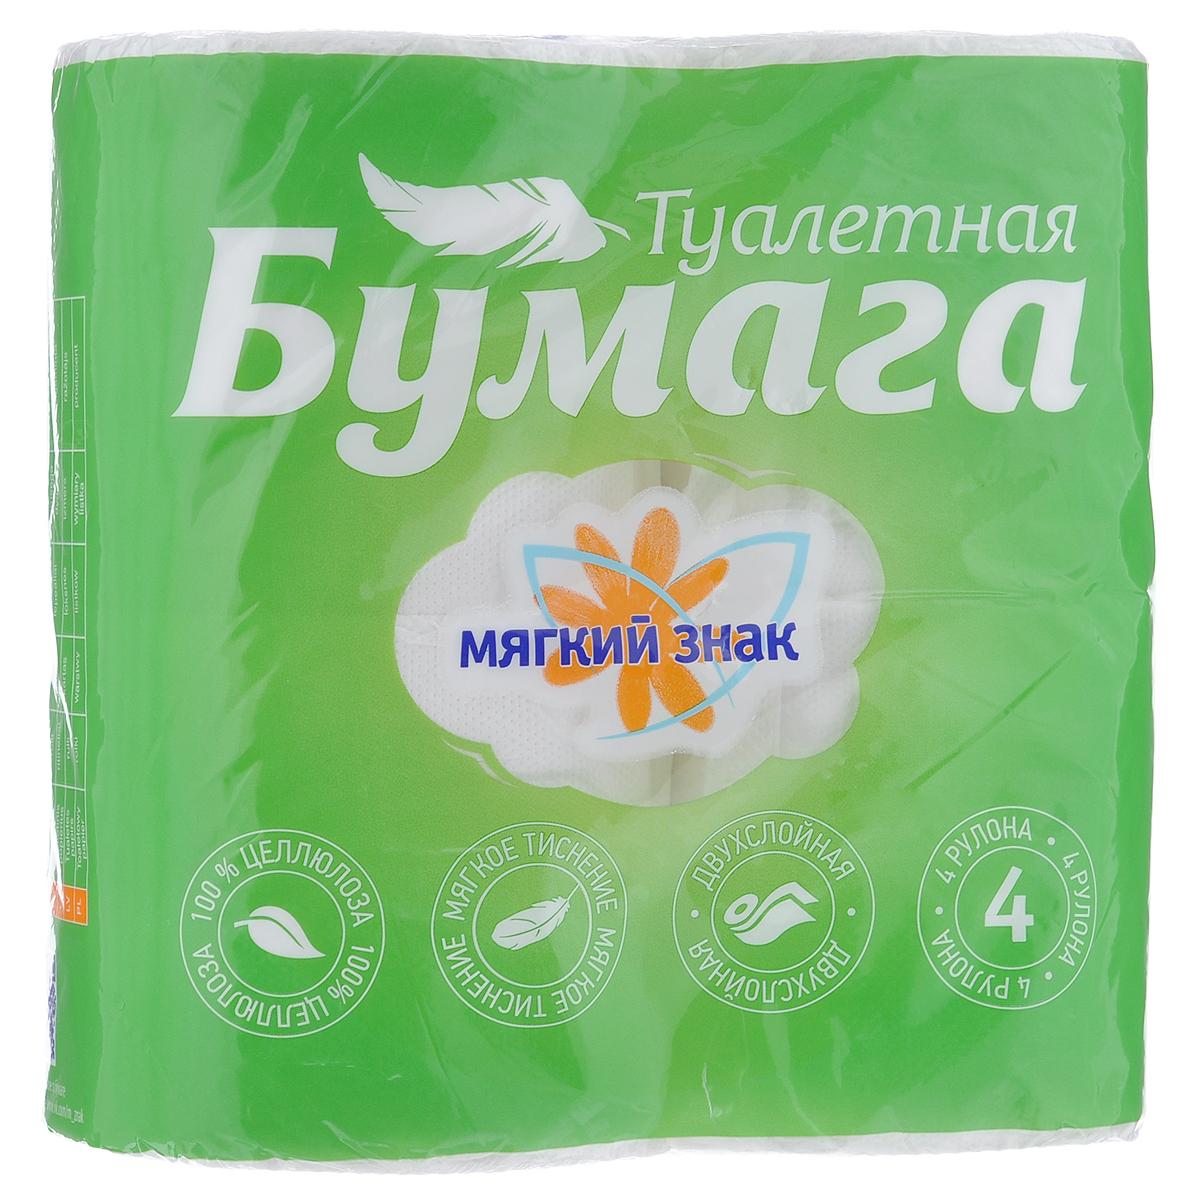 Туалетная бумага Мягкий знак, двухслойная, цвет: белый, 4 рулонаC73Туалетная бумага Мягкий знак, выполненная из натуральной целлюлозы, обеспечивает превосходный комфорт и ощущение чистоты и свежести. Необыкновенно мягкая, но в тоже время прочная, бумага не расслаивается и отрывается строго по линии перфорации. Двухслойные листы имеют рисунок с перфорацией. Количество листов: 150 шт. Количество слоев: 2. Размер листа: 12,5 см х 9,6 см. Состав: 100% целлюлоза.